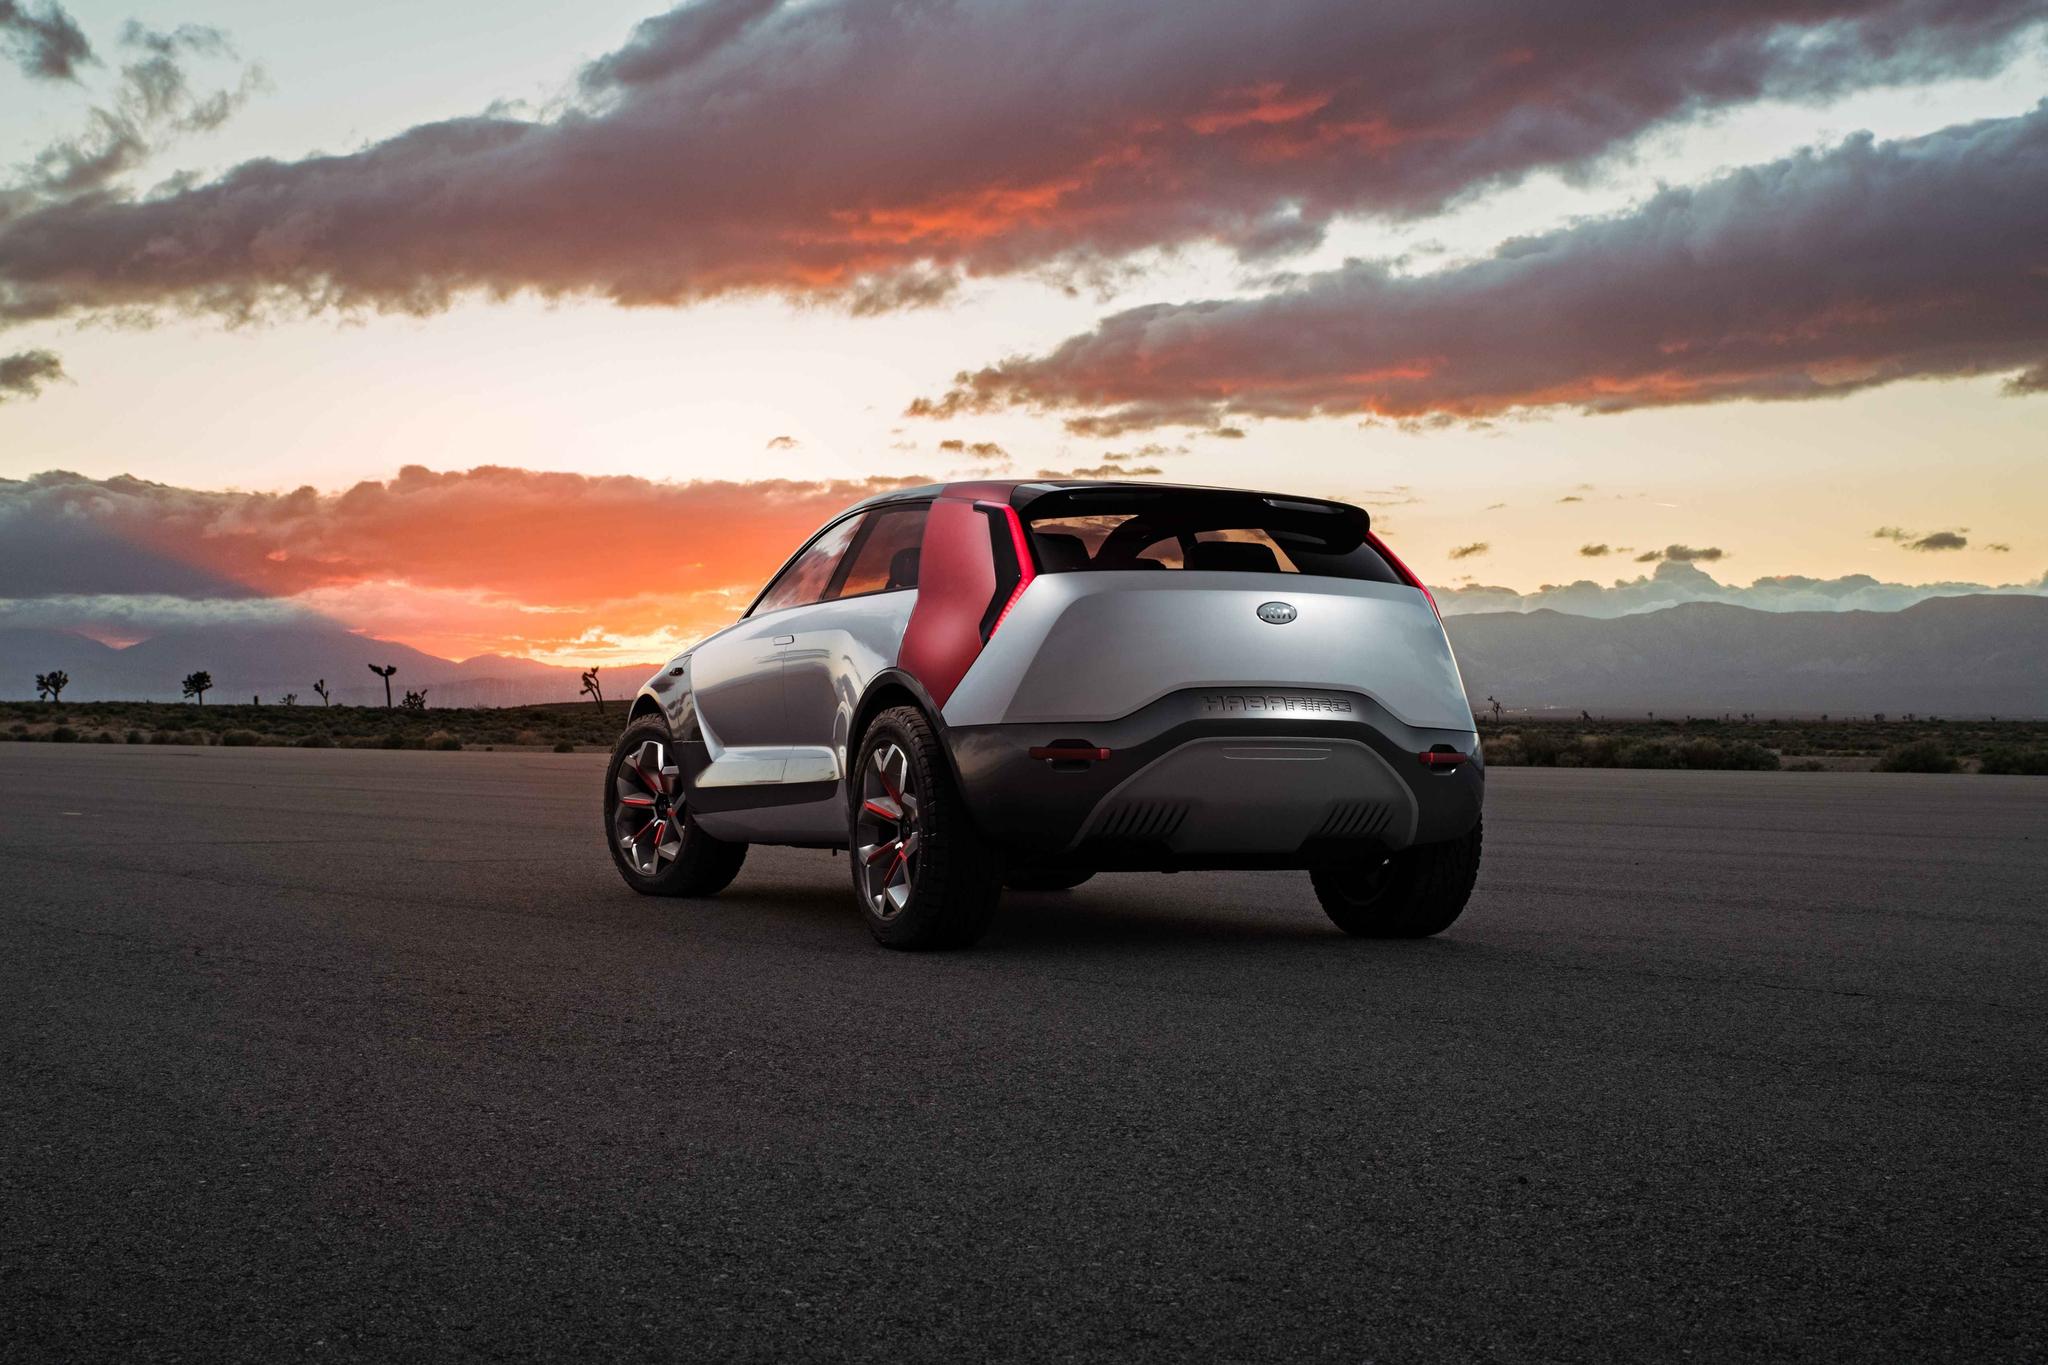 하바니로는 크로스오버 전기차로 만든 콘셉트카다. 온오프로드를 모두 달릴 수 있고 인공지능(AI)이 탑승자의 감정에 따라 음악과 온도, 조명을 제어하는 '실시간 감정반응 차량제어(R.E.A.D) 시스템'이 적용됐다. [사진 기아자동차]